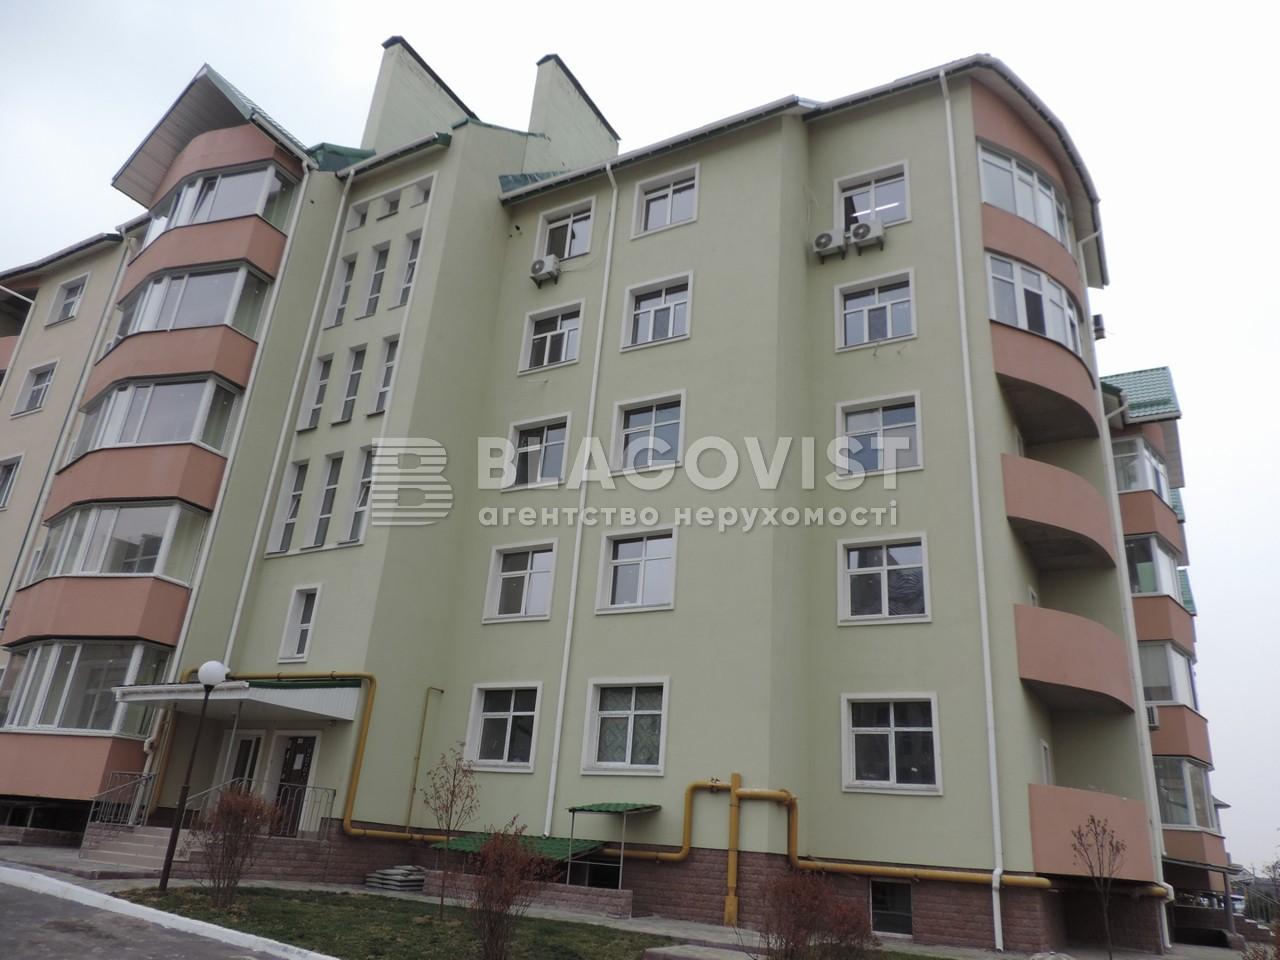 Квартира F-39441, Борщаговская, 30а, Петропавловская Борщаговка - Фото 2